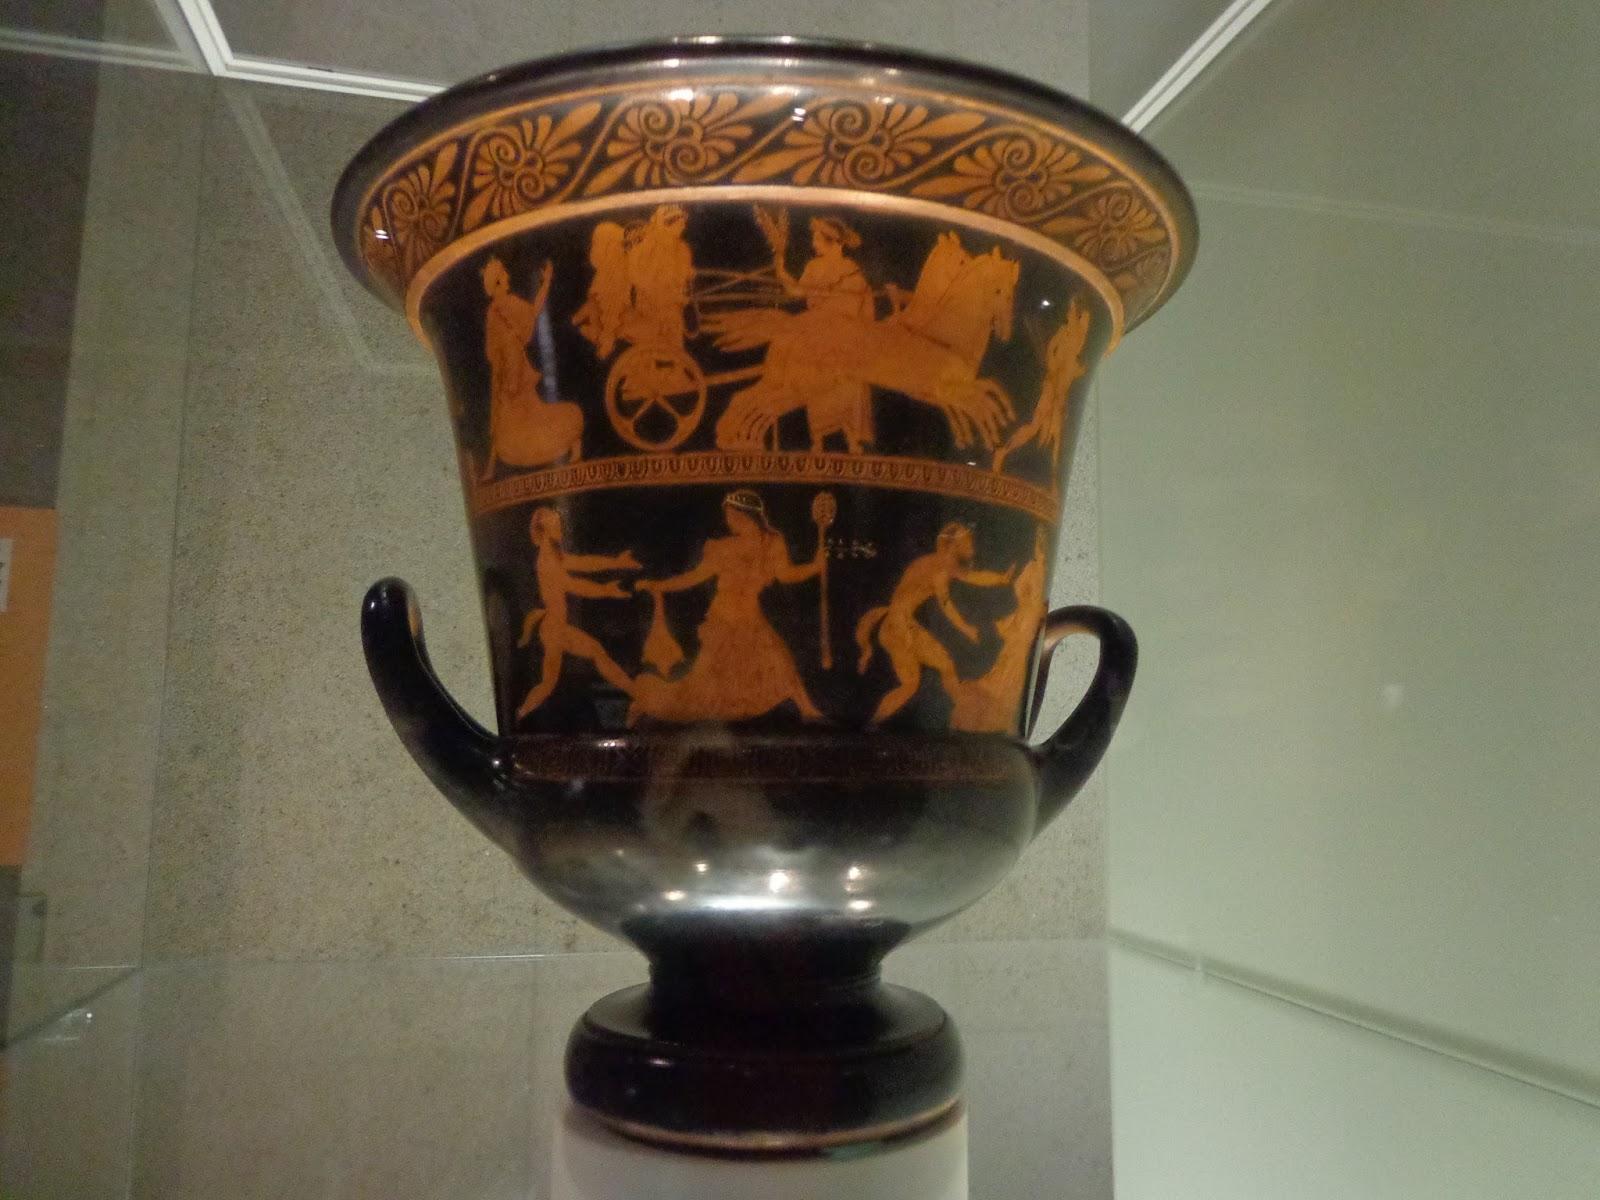 Mitologia grega mybrain for Mito vaso di pandora